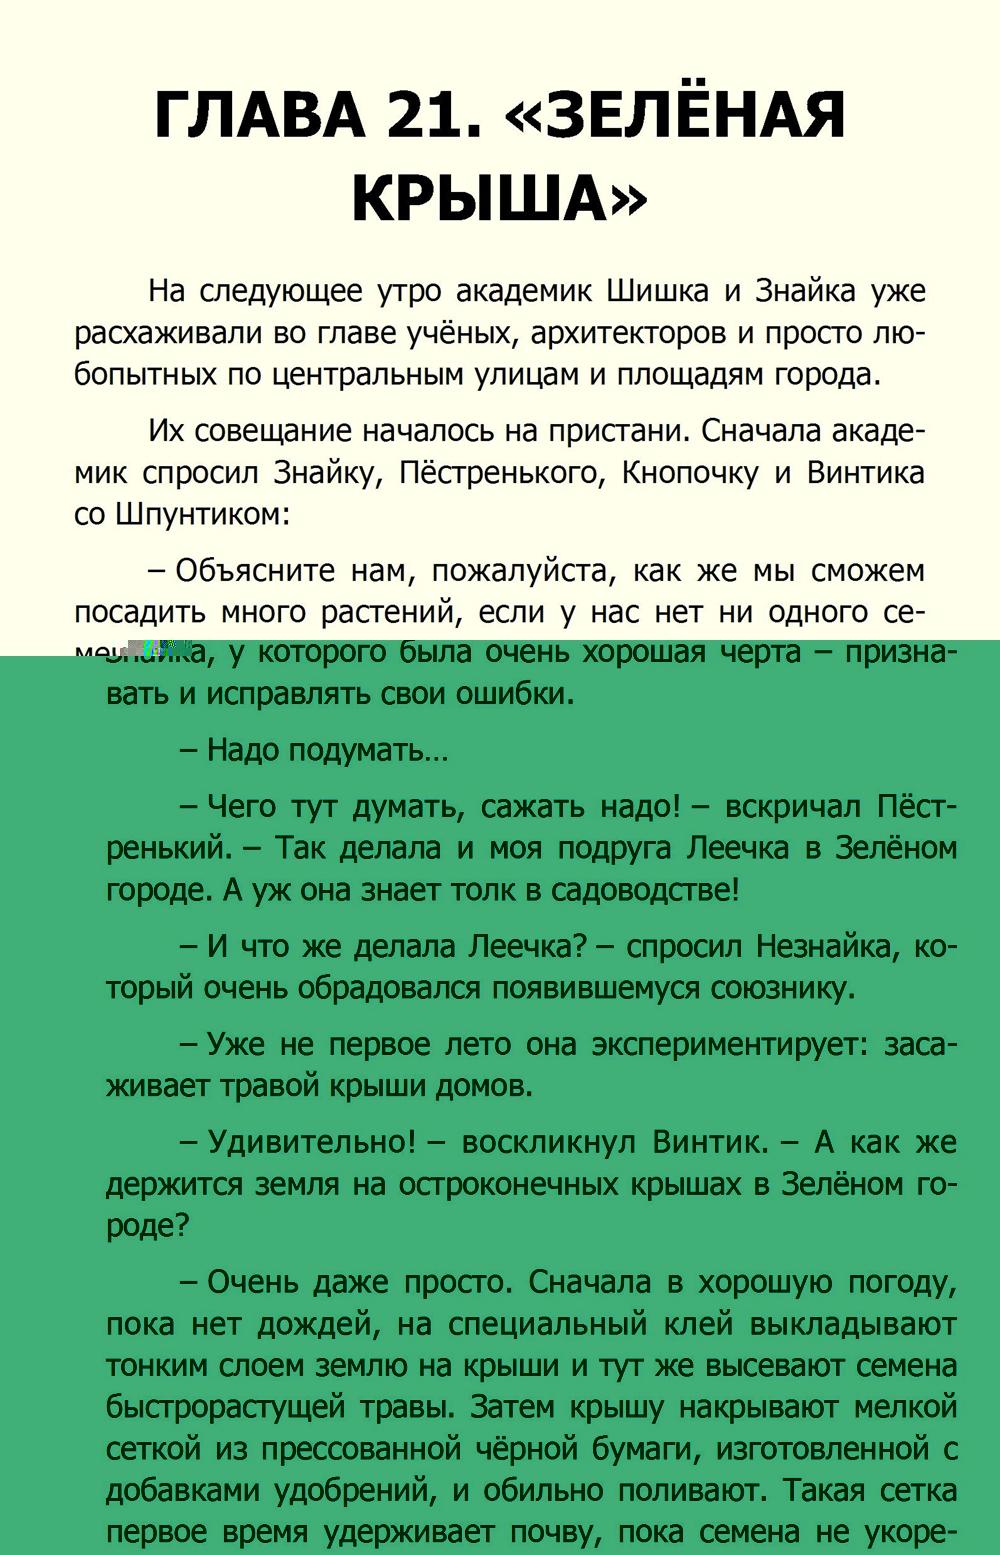 http://ipic.su/img/img7/fs/Nosov.1596219350.jpg